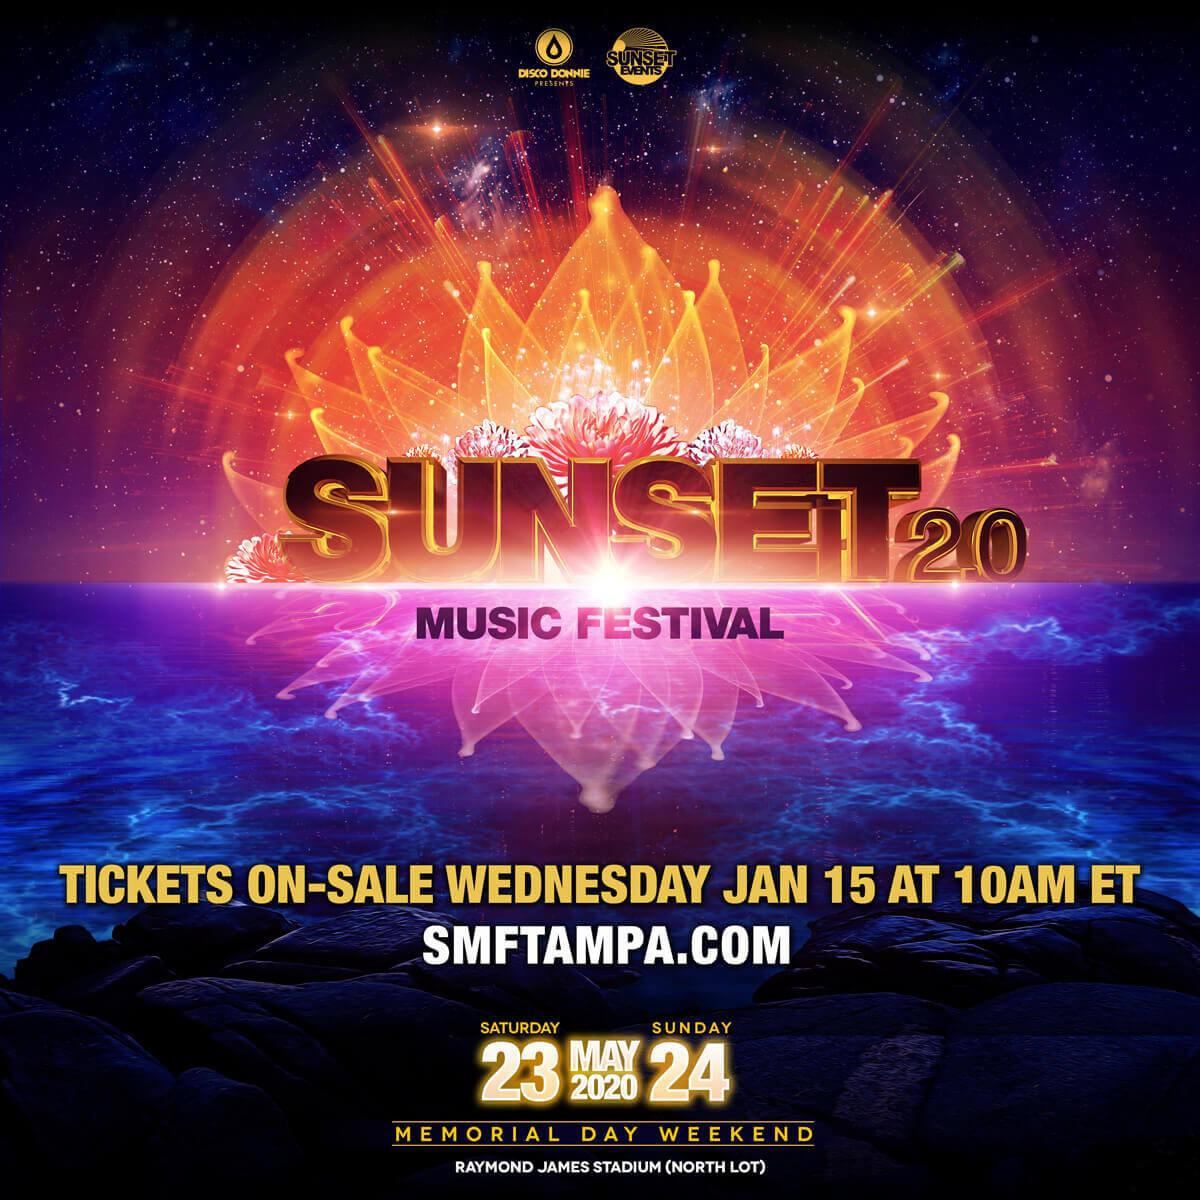 Sunset Music Festival 2020